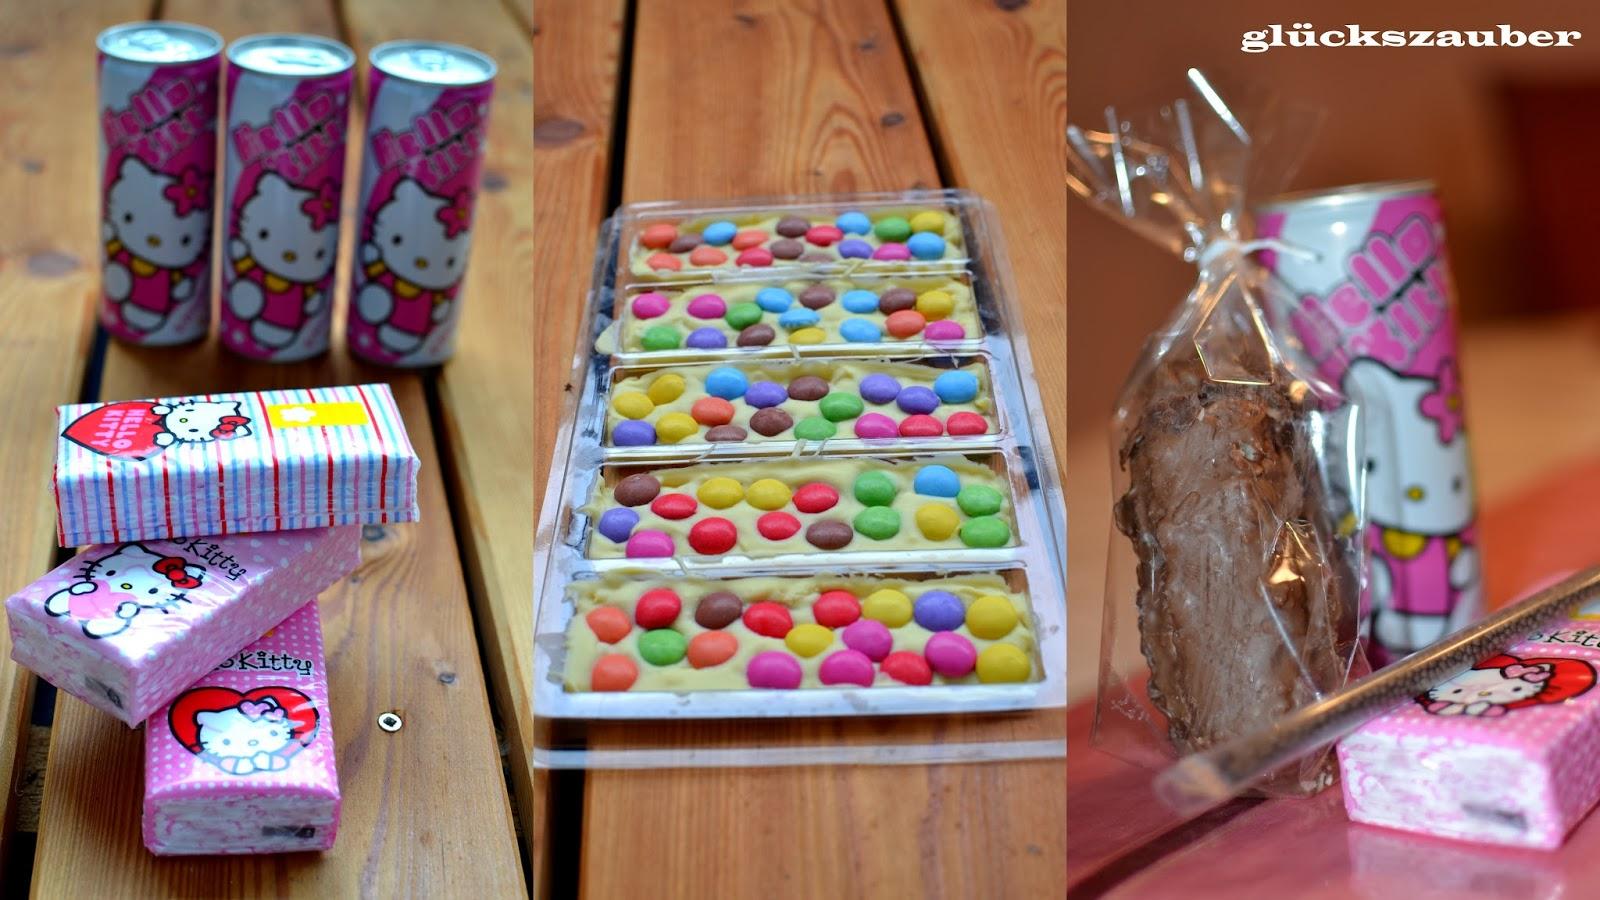 ... , selbstgemachte Smarties-Schokolade und einen Schokoladenstrohhalm